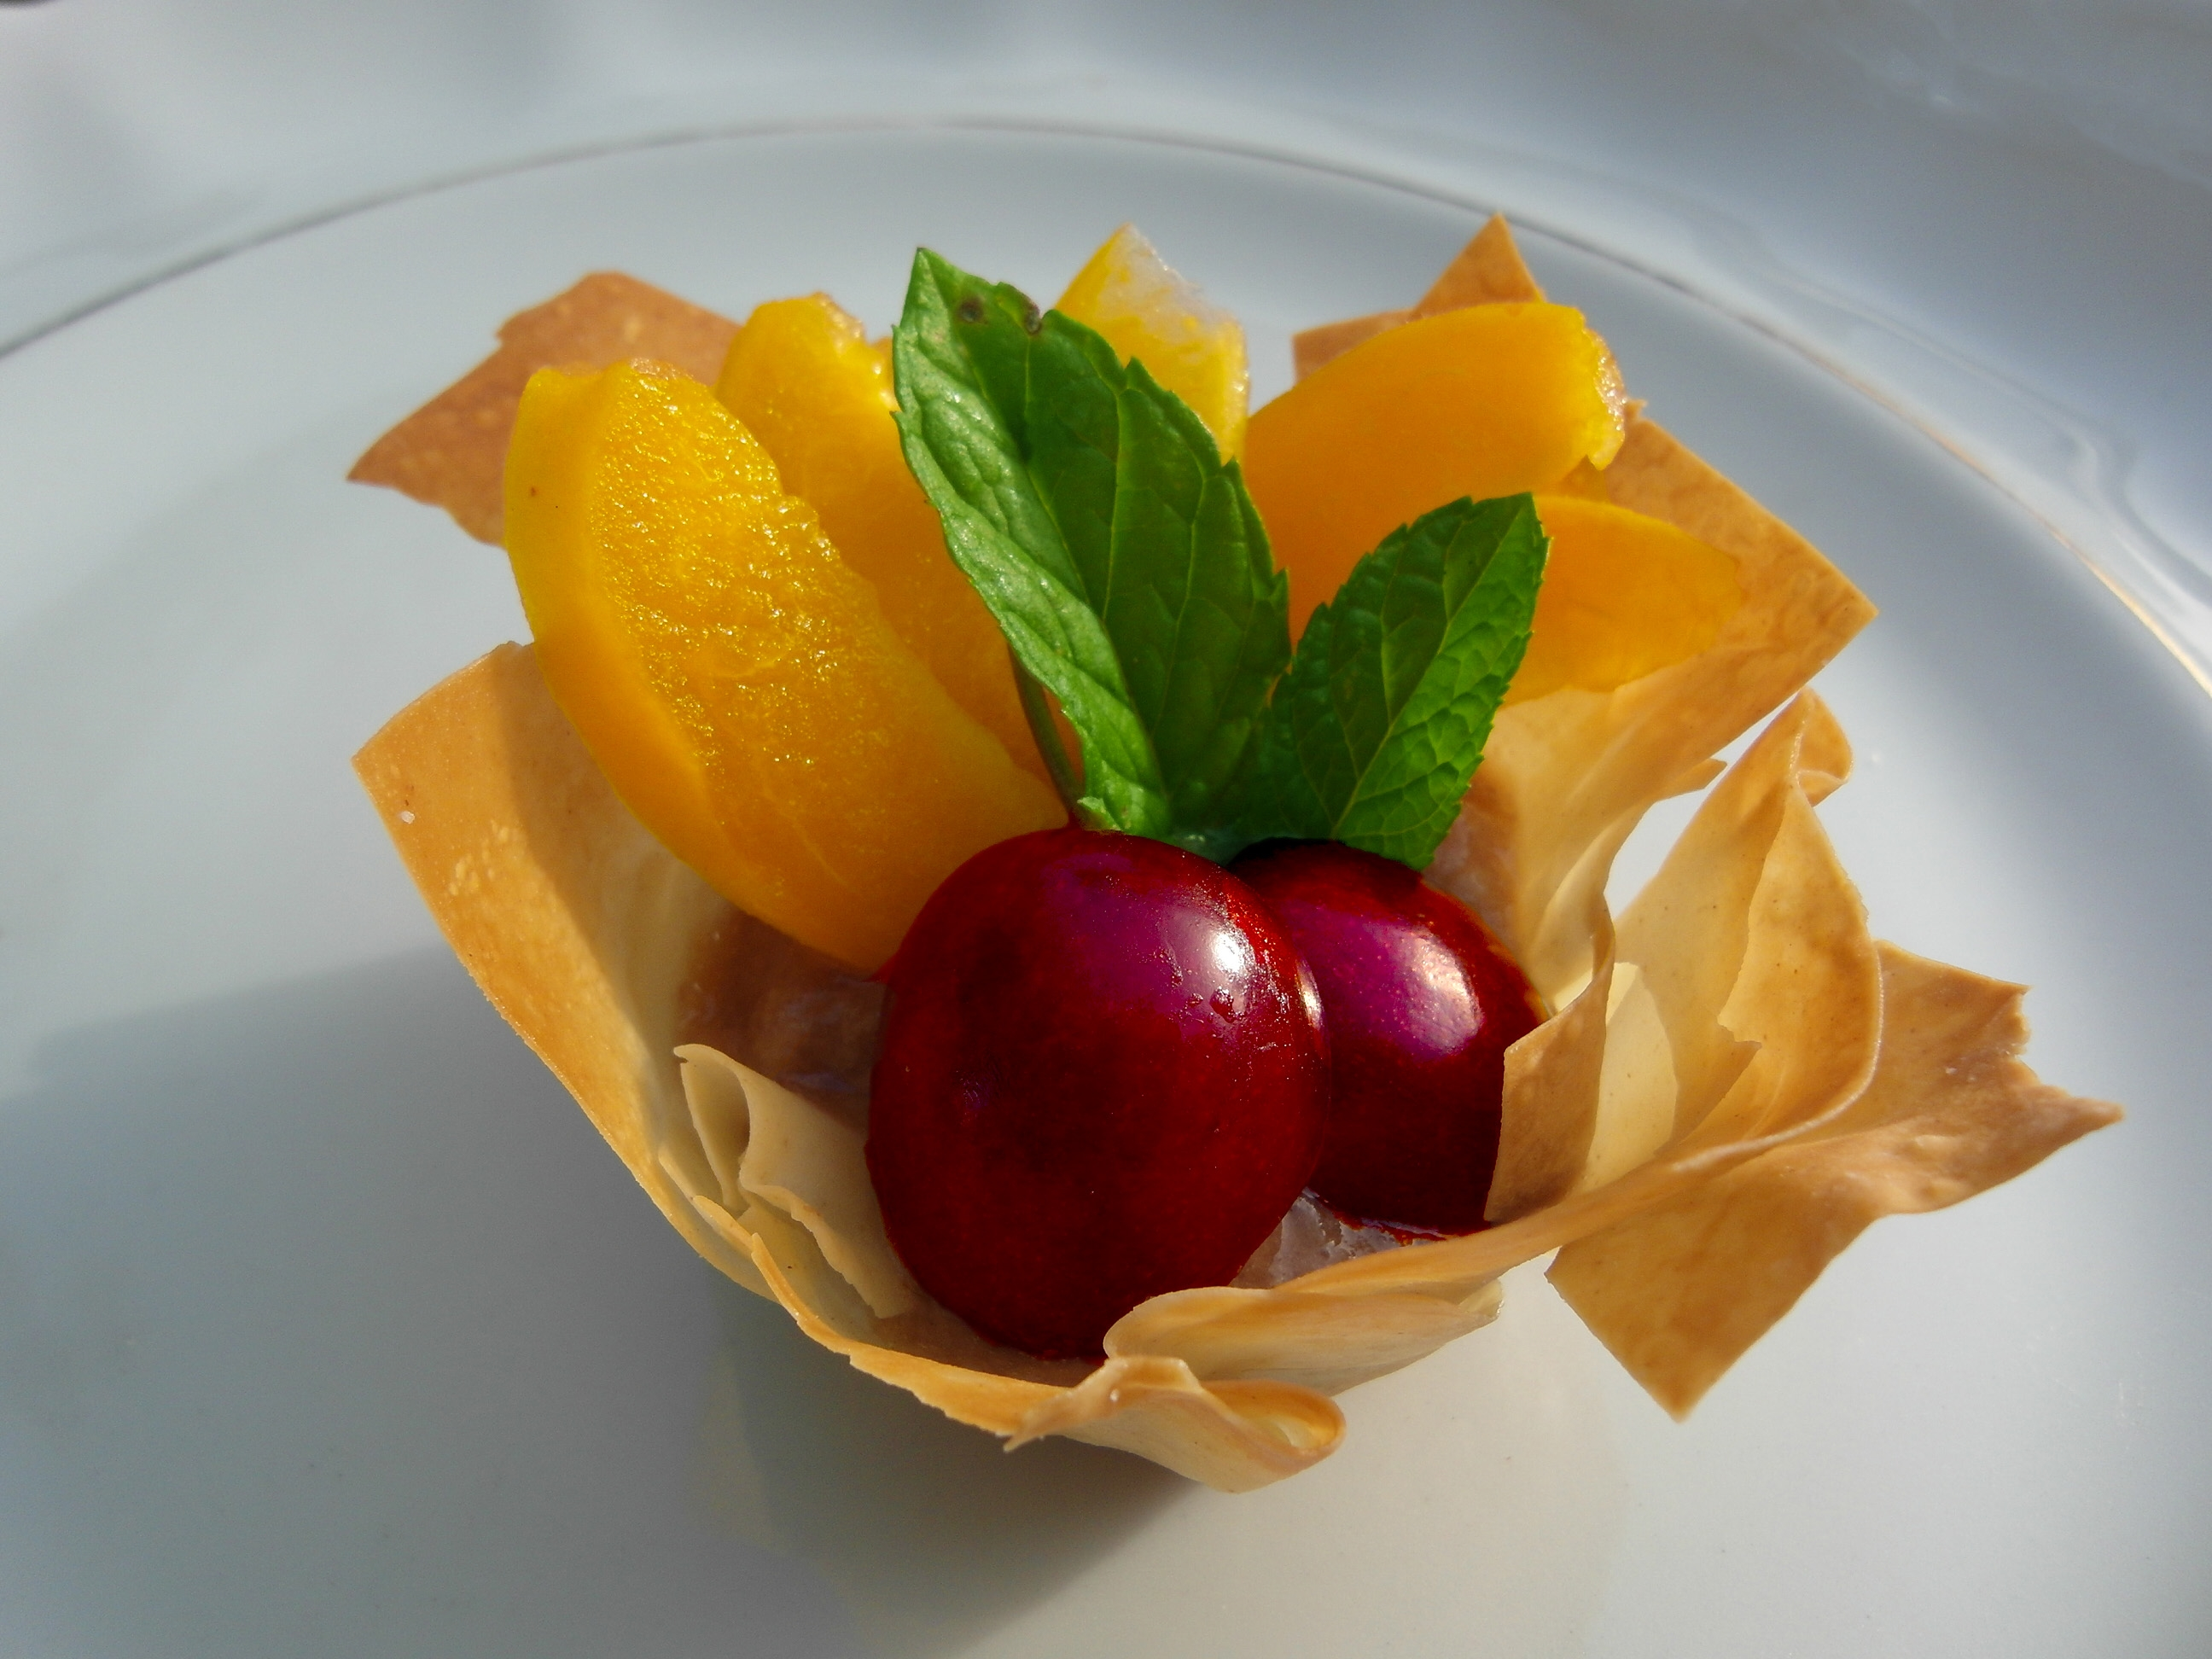 פרחים פריכים עם פירות טריים במילוי קרם בננה-וניל מתכונים טבעוניים של השוחטת הטבעונית יעלי שוחט חג שבועות טבעוני